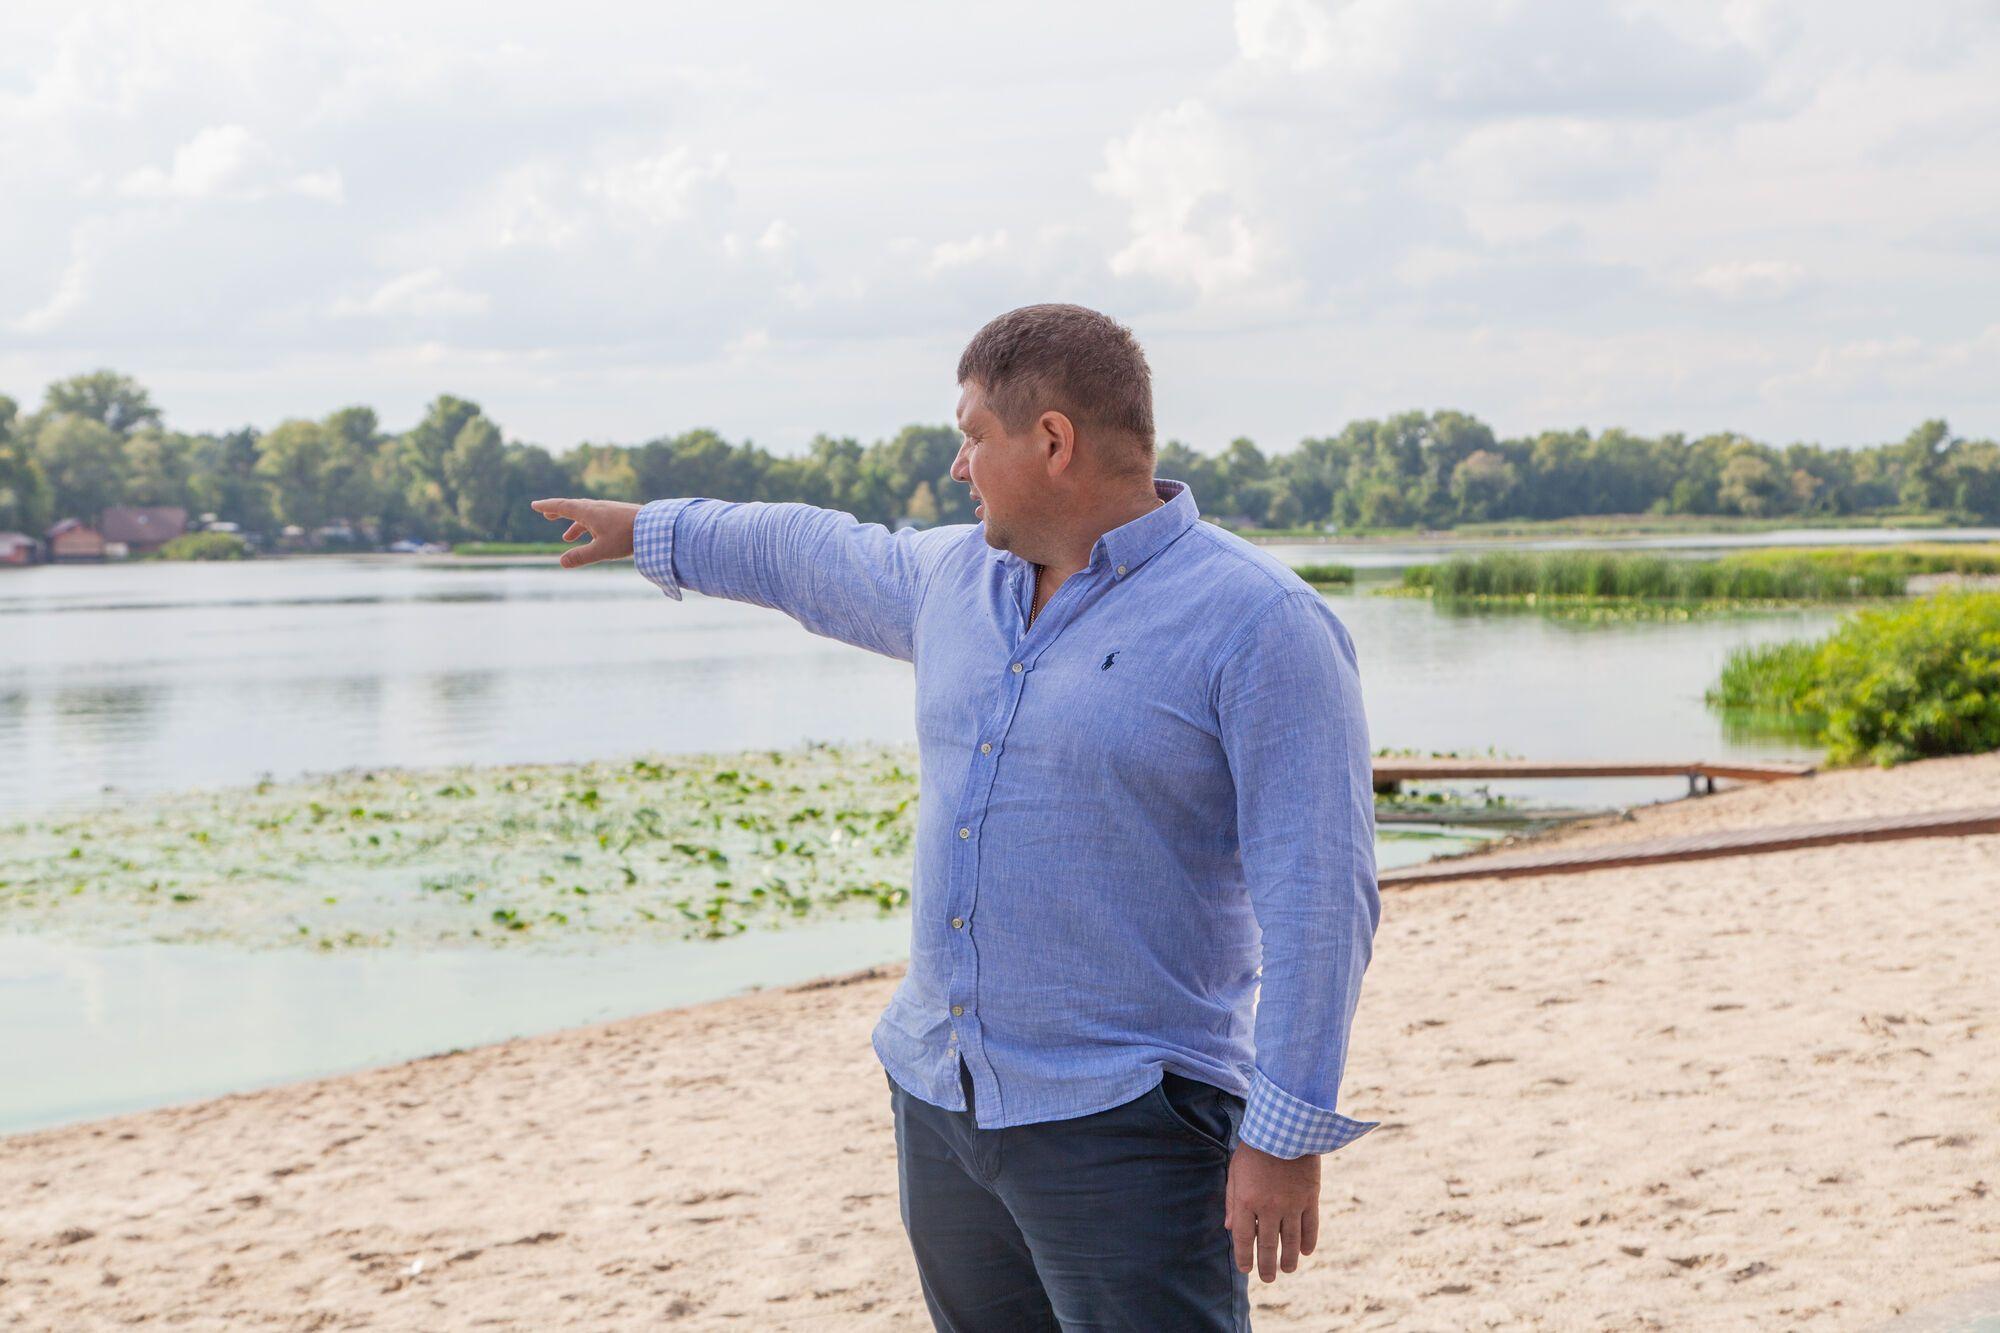 """Девелопер Александр Стельмащук заявил, что готов вложить 50 миллионов гривен в благоустройство """"Новой Слободки"""""""